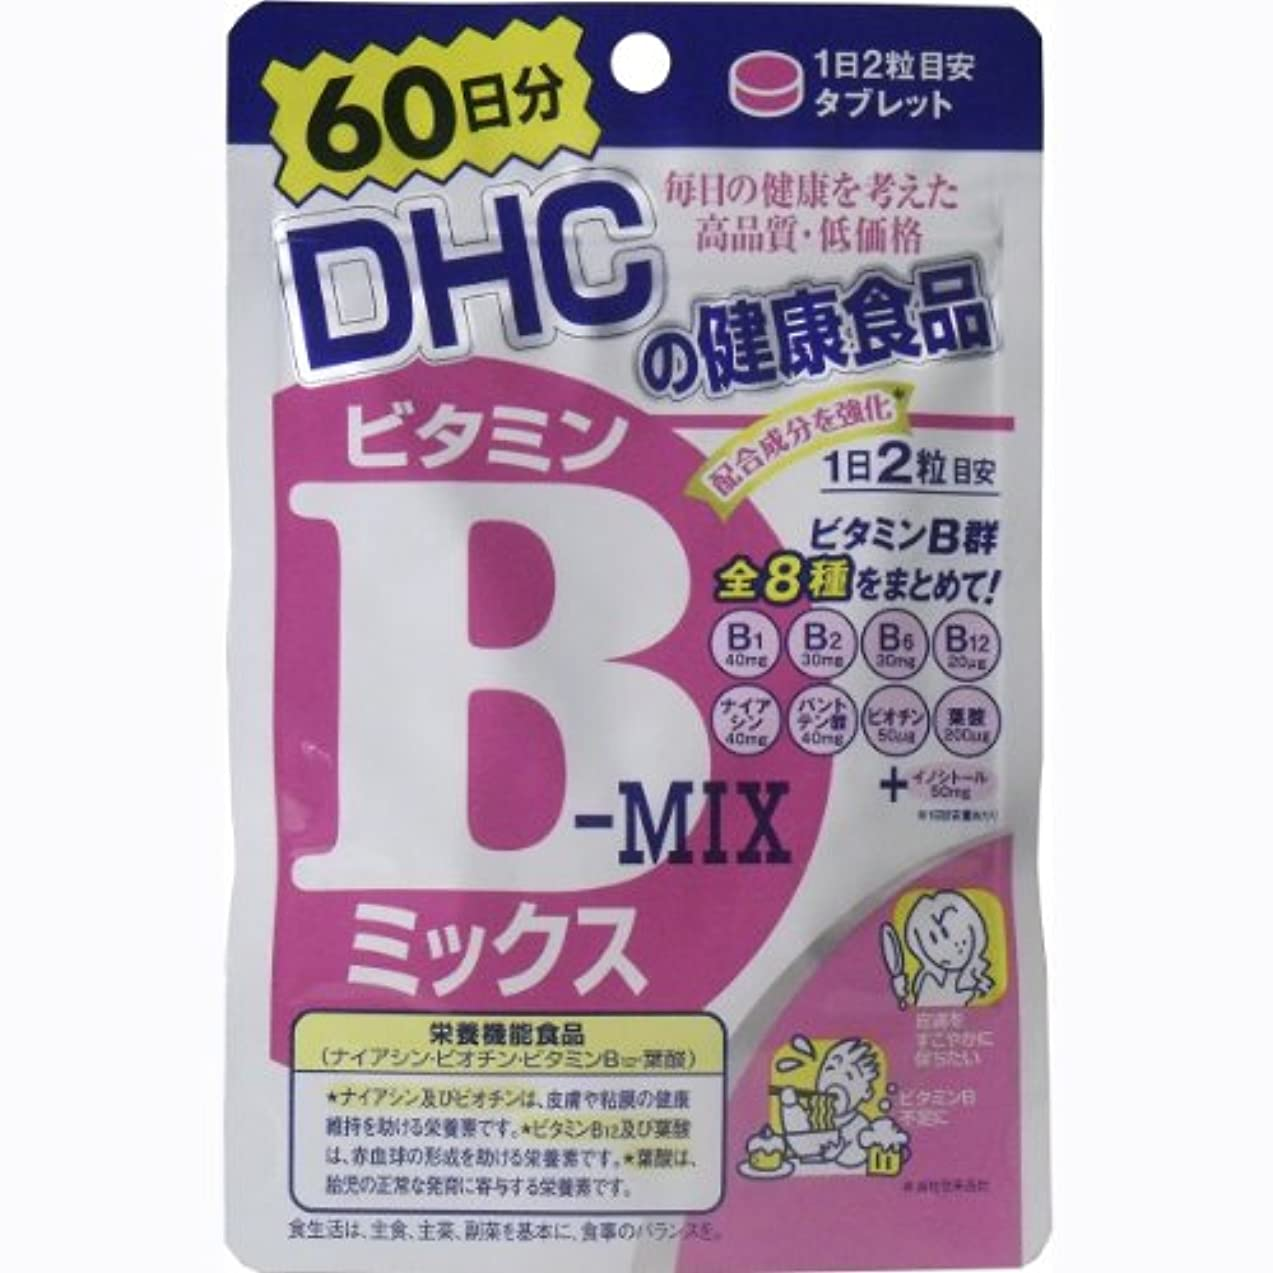 まっすぐにする含意最後にDHC ビタミンBミックス 120粒 60日分「5点セット」